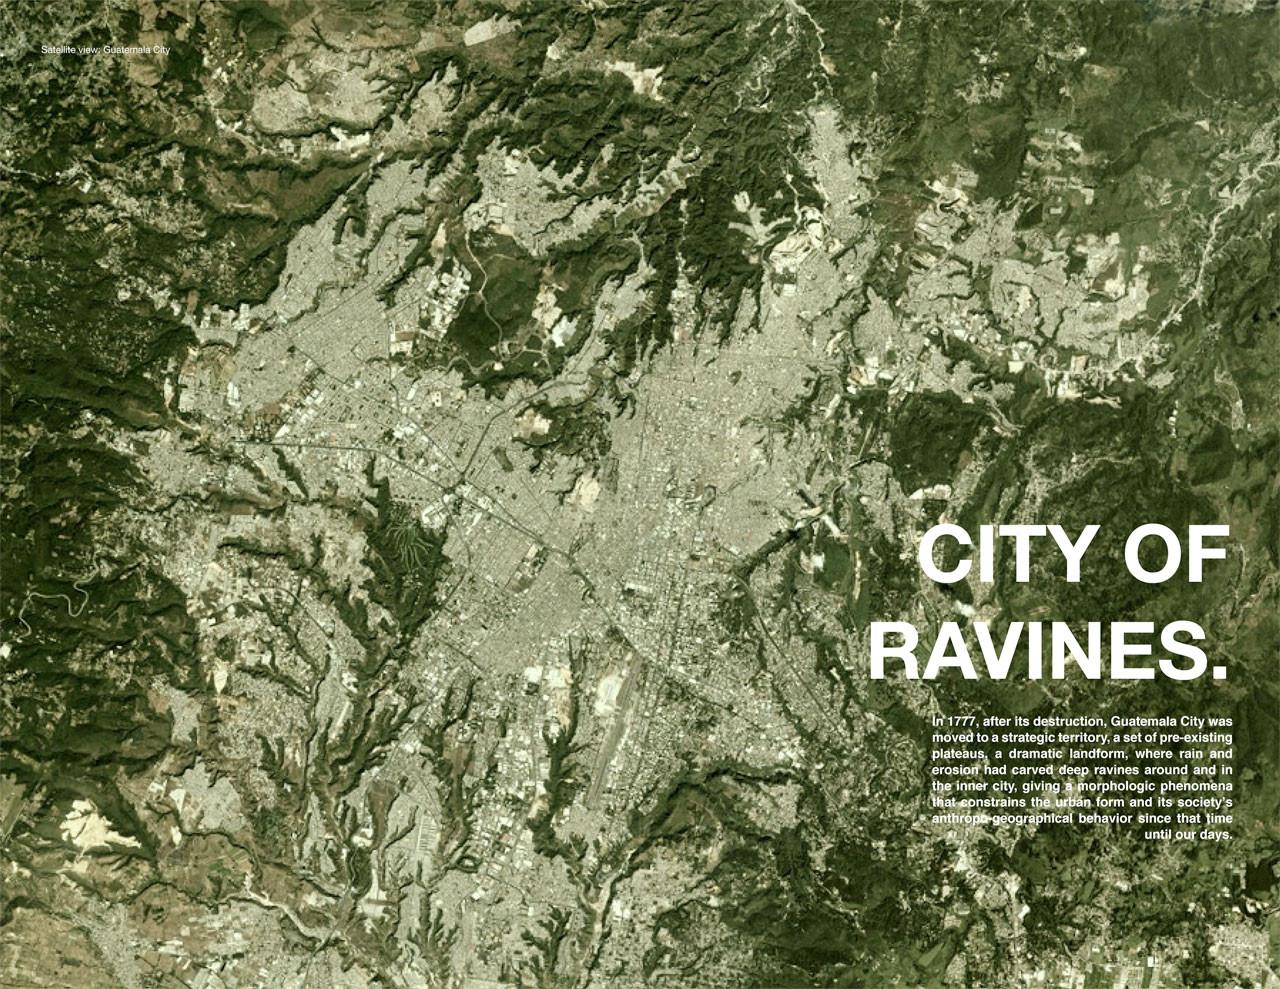 Ciudad de Barrancos. Image Courtesy of oficiocolectivo